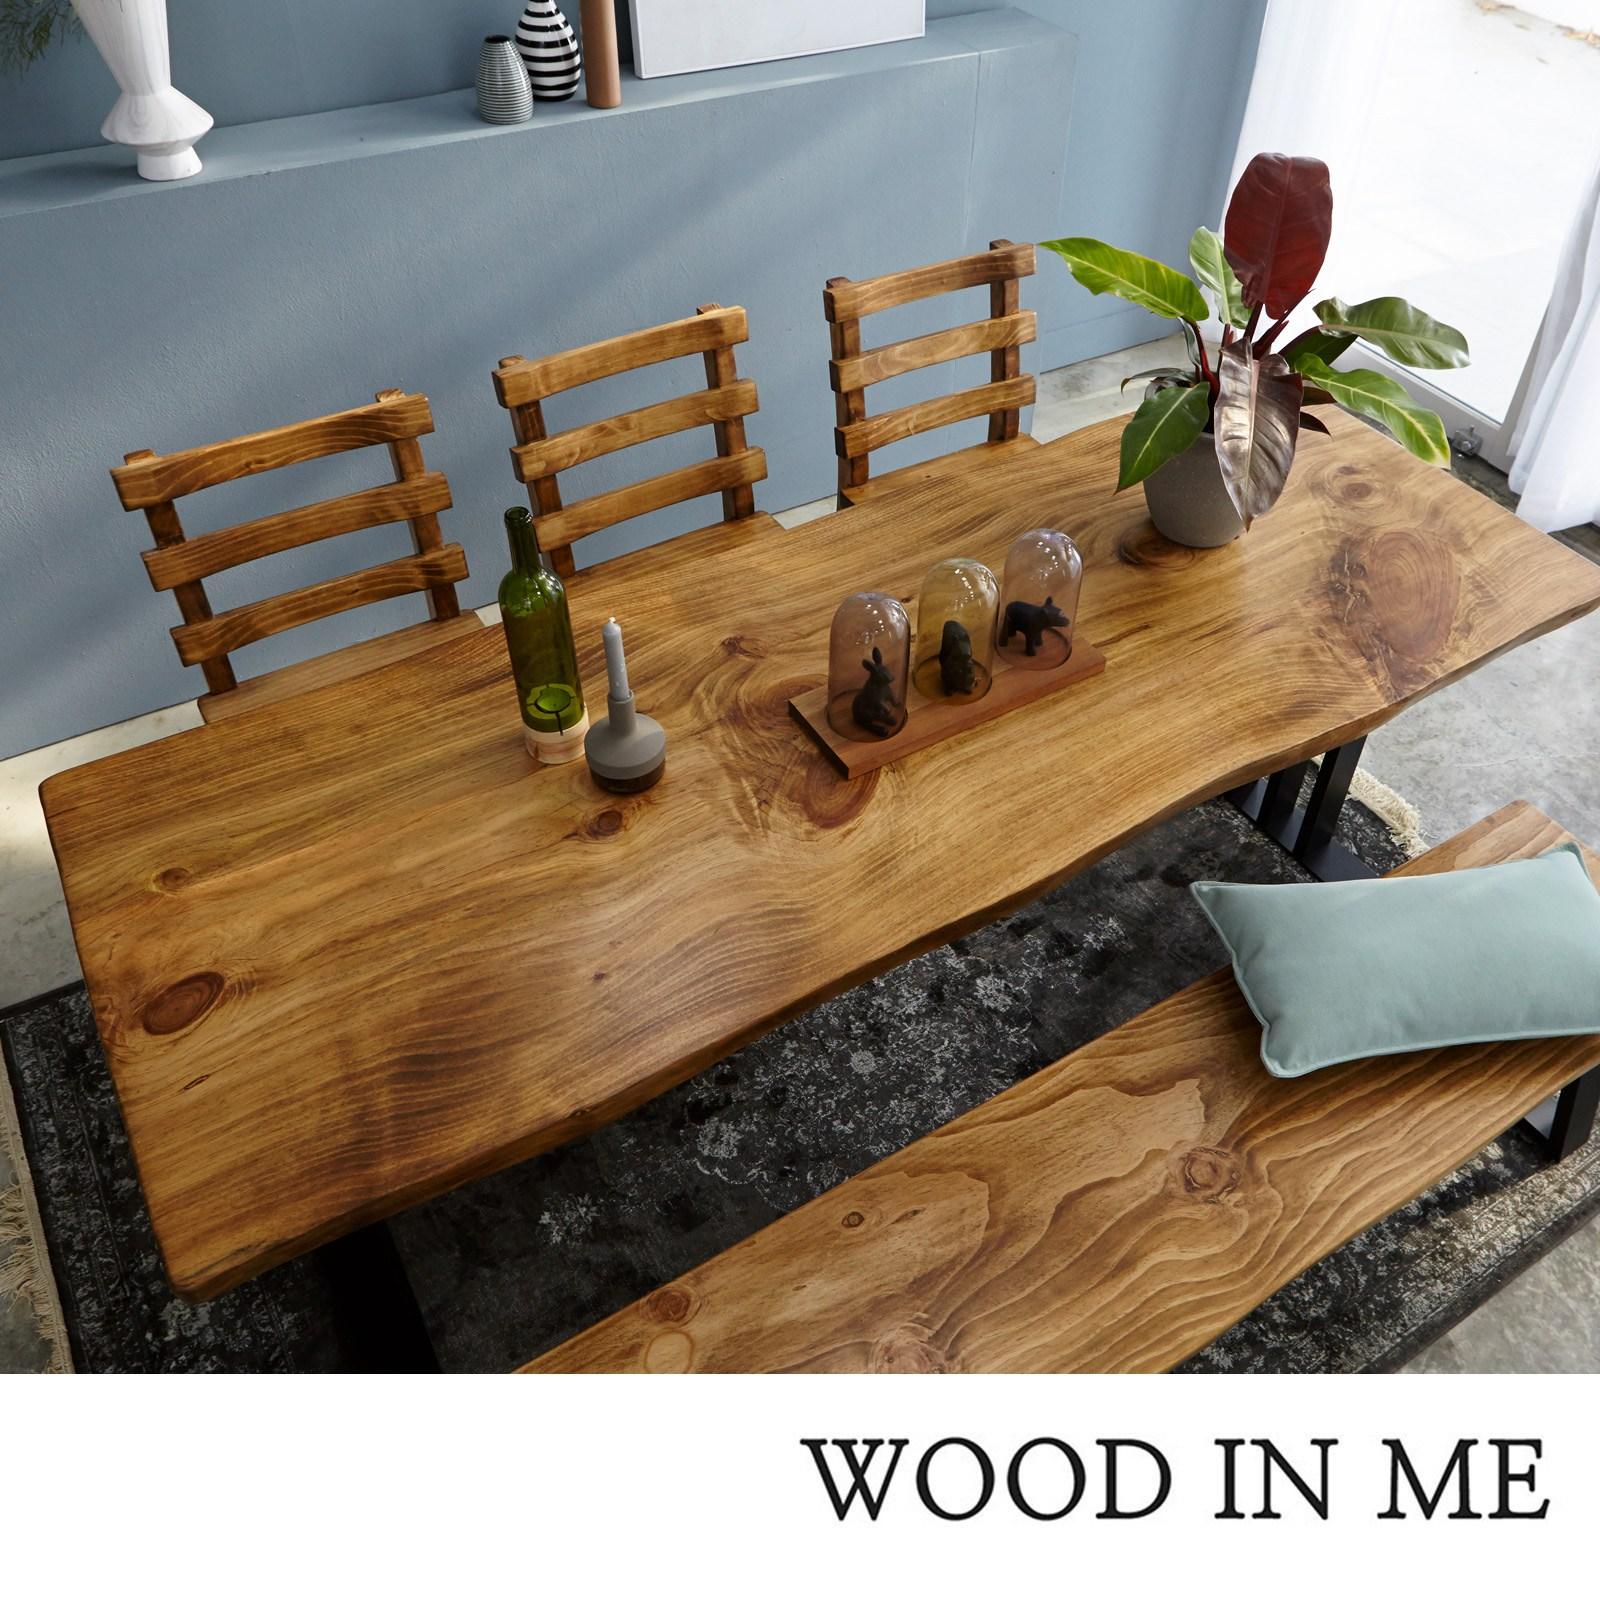 우드인미 통원목 에코 6인용식탁 세트B 1800_w700_New (의자포함) 원목식탁 우드슬랩 카페테이블 식탁세트, 도토리색